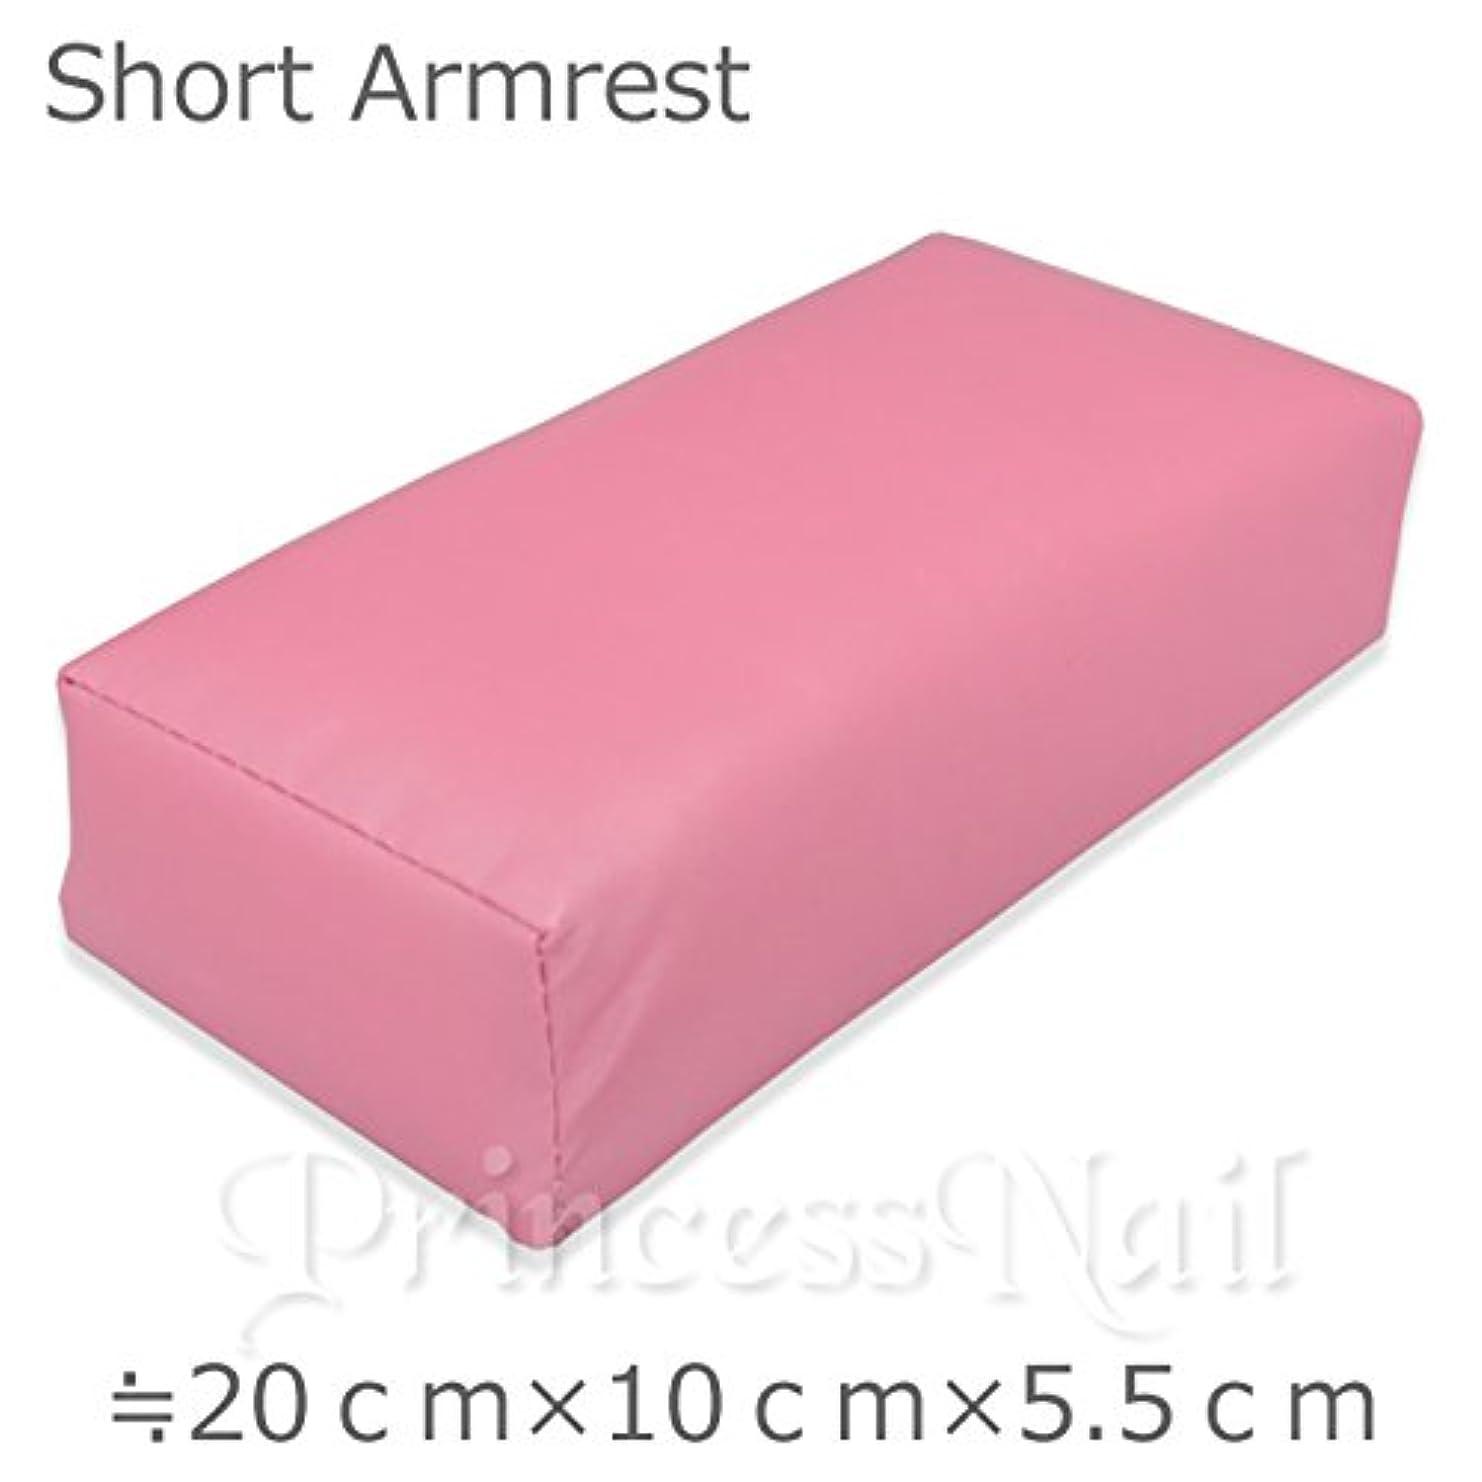 姉妹下に向けます釈義ネイルケア用アームレスト ショートタイプ Color:Pink size:D10cm×W20cm×H5.5cm